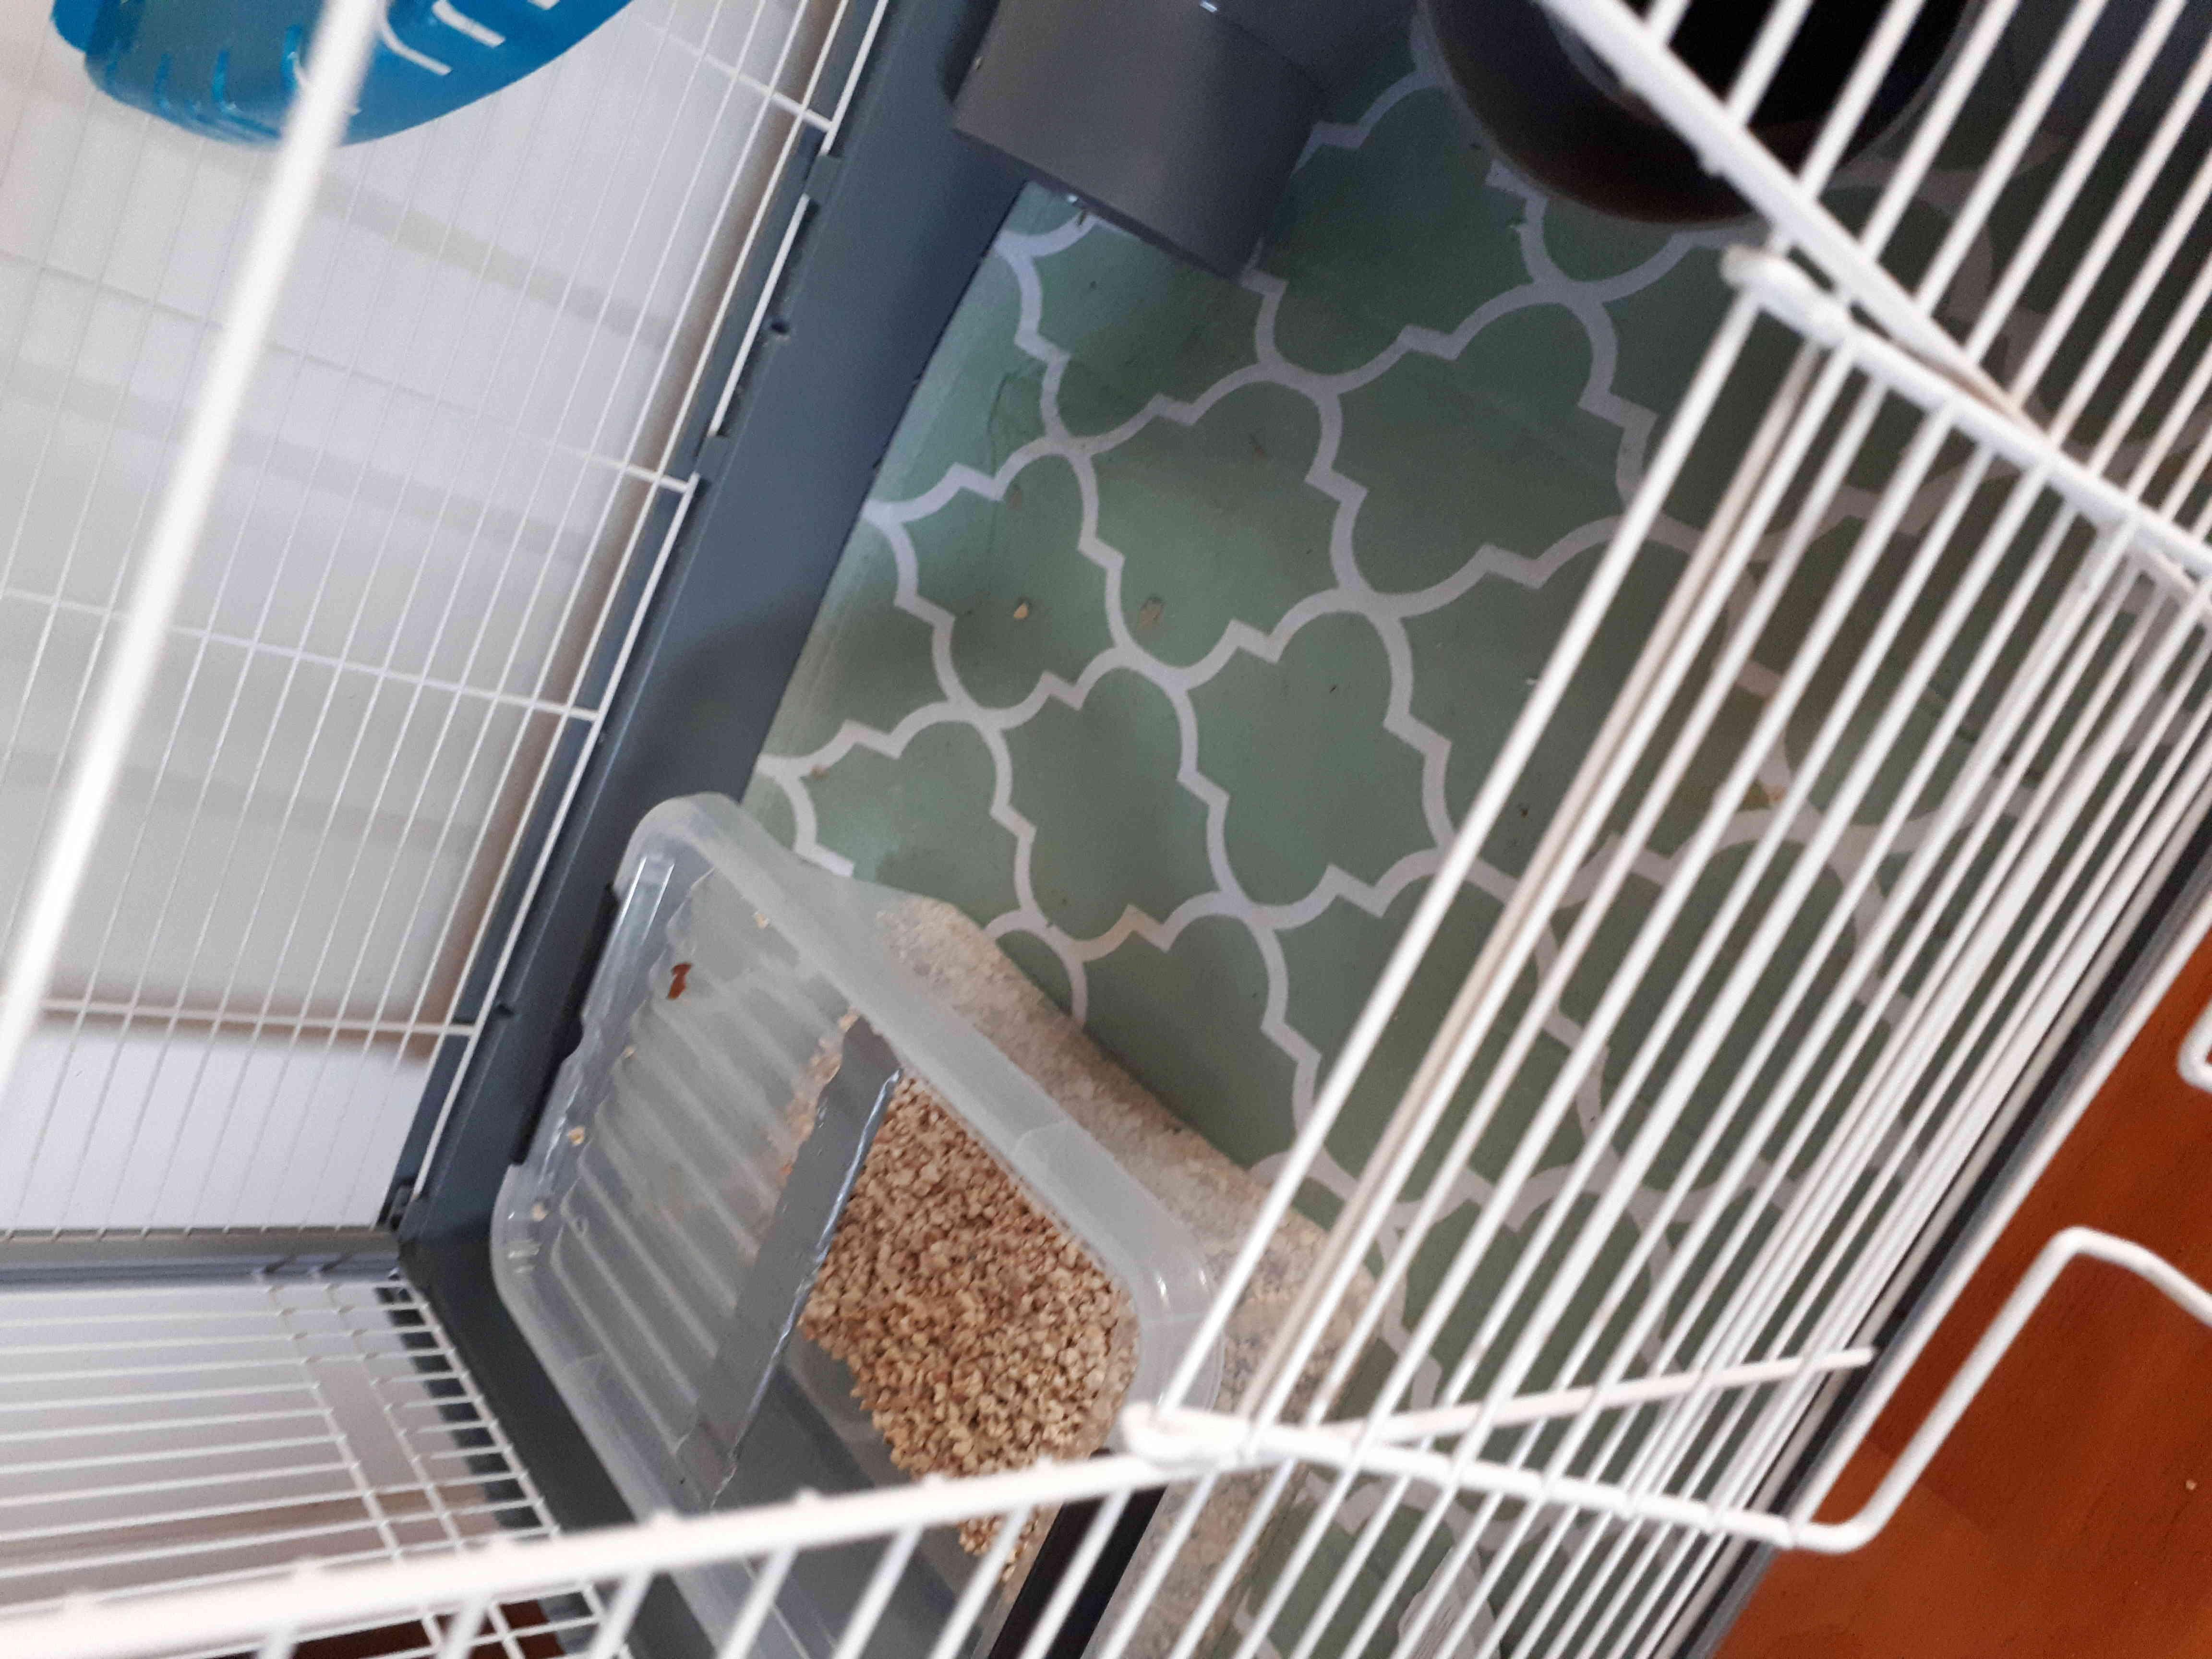 Tapis en fond de cage - Page 2 20180610